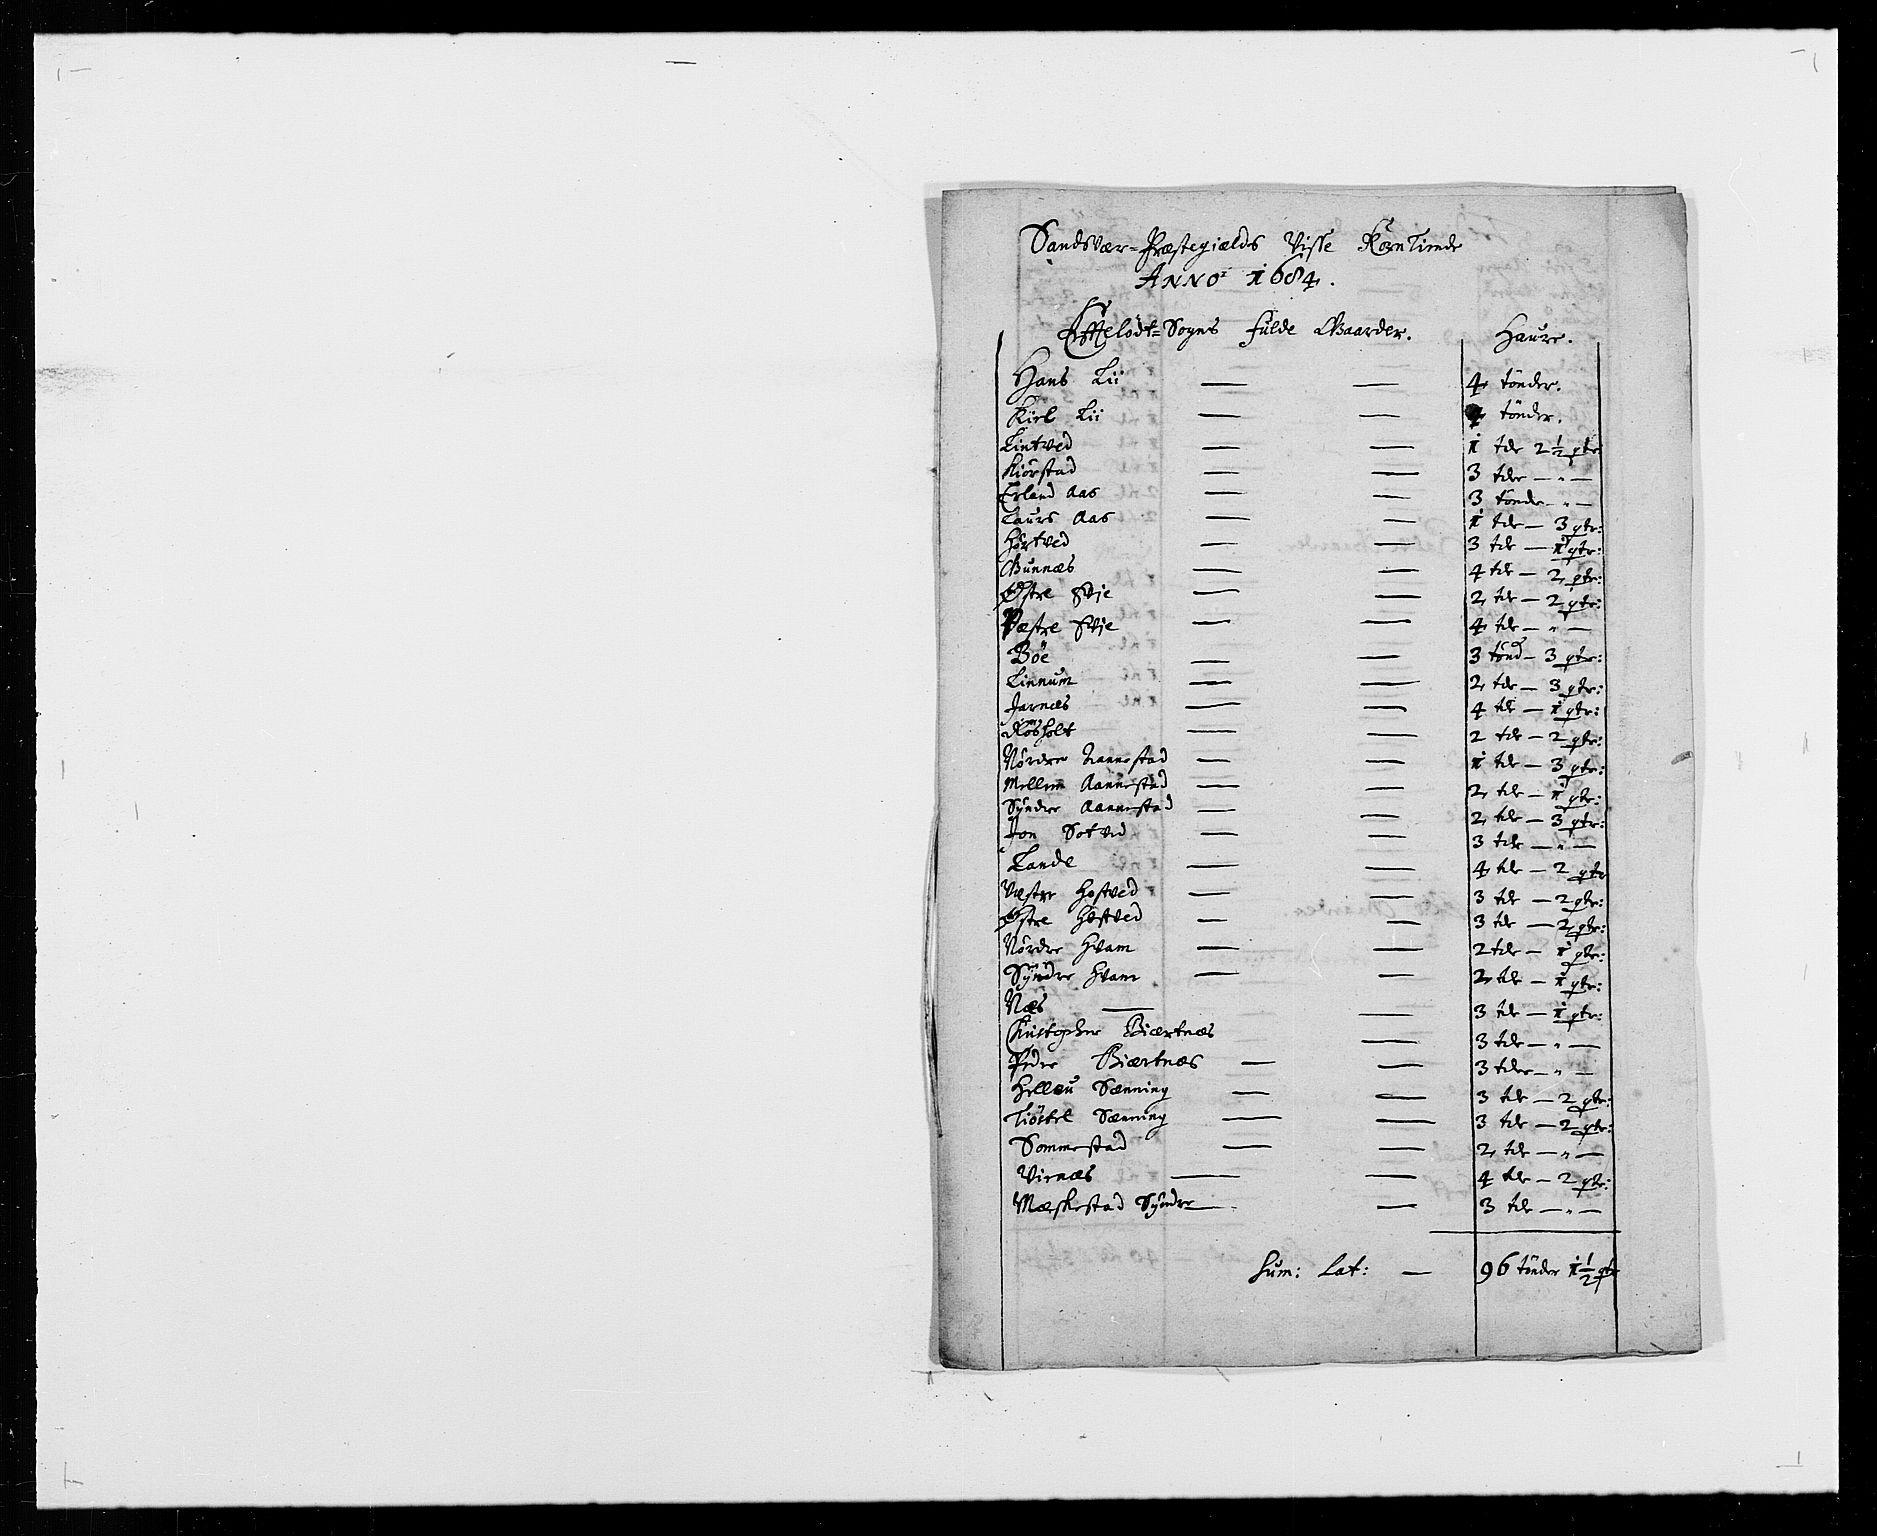 RA, Rentekammeret inntil 1814, Reviderte regnskaper, Fogderegnskap, R24/L1571: Fogderegnskap Numedal og Sandsvær, 1679-1686, s. 232